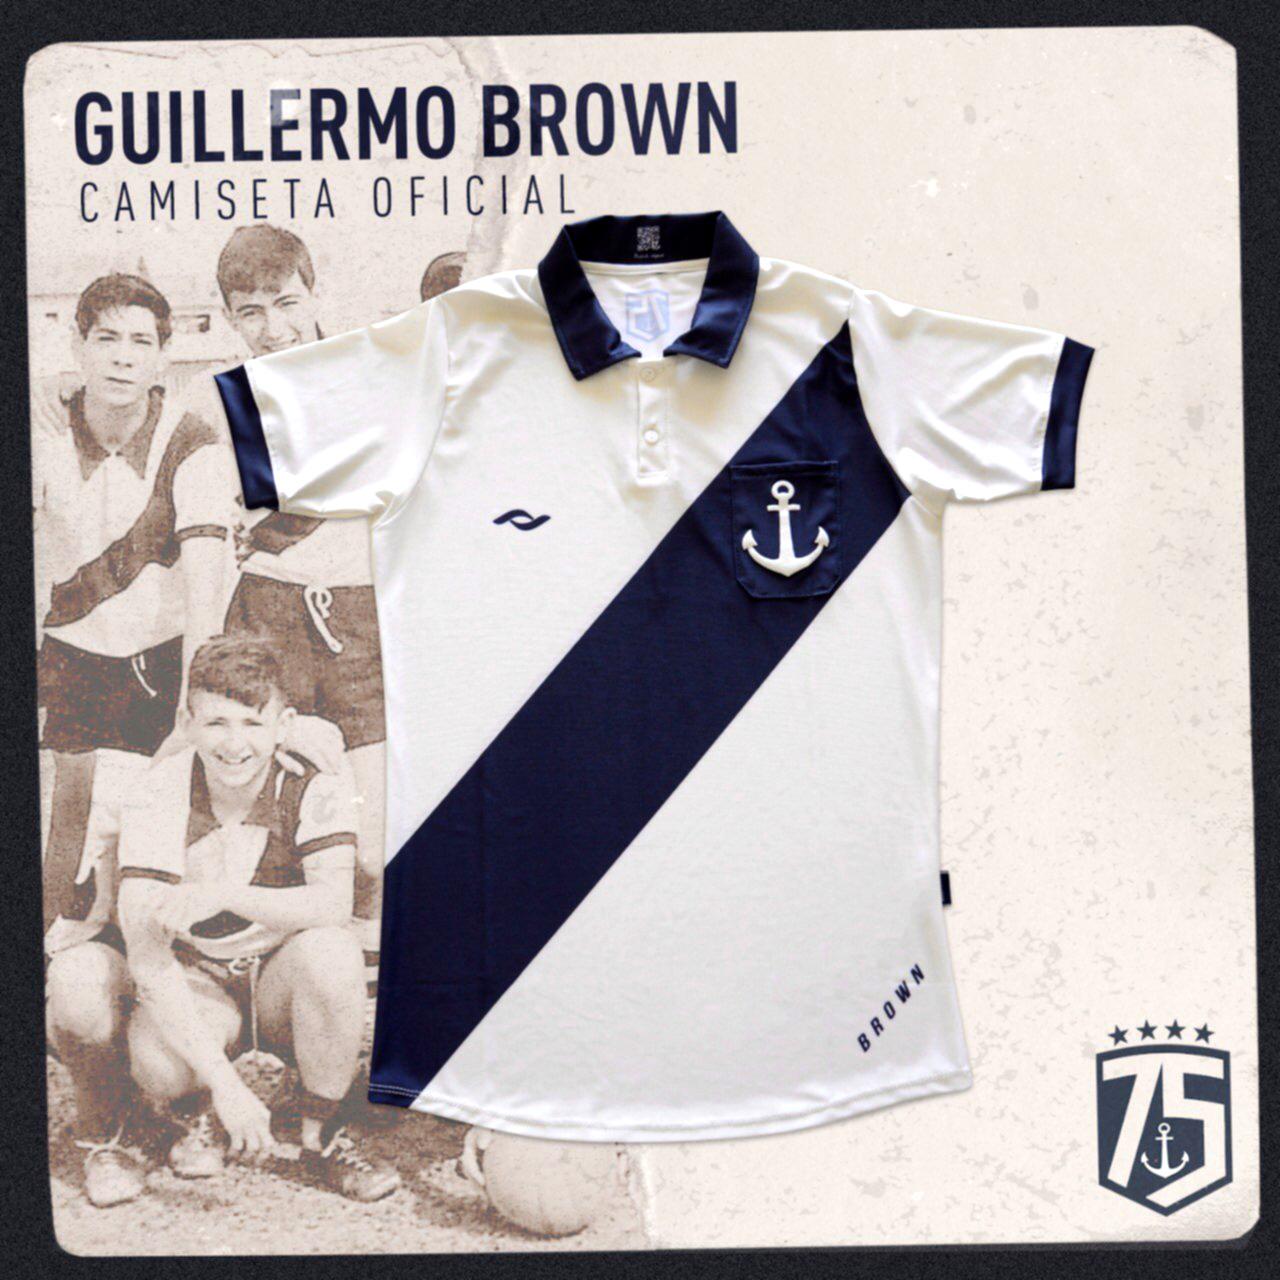 Brown camiseta alegórica 75 años